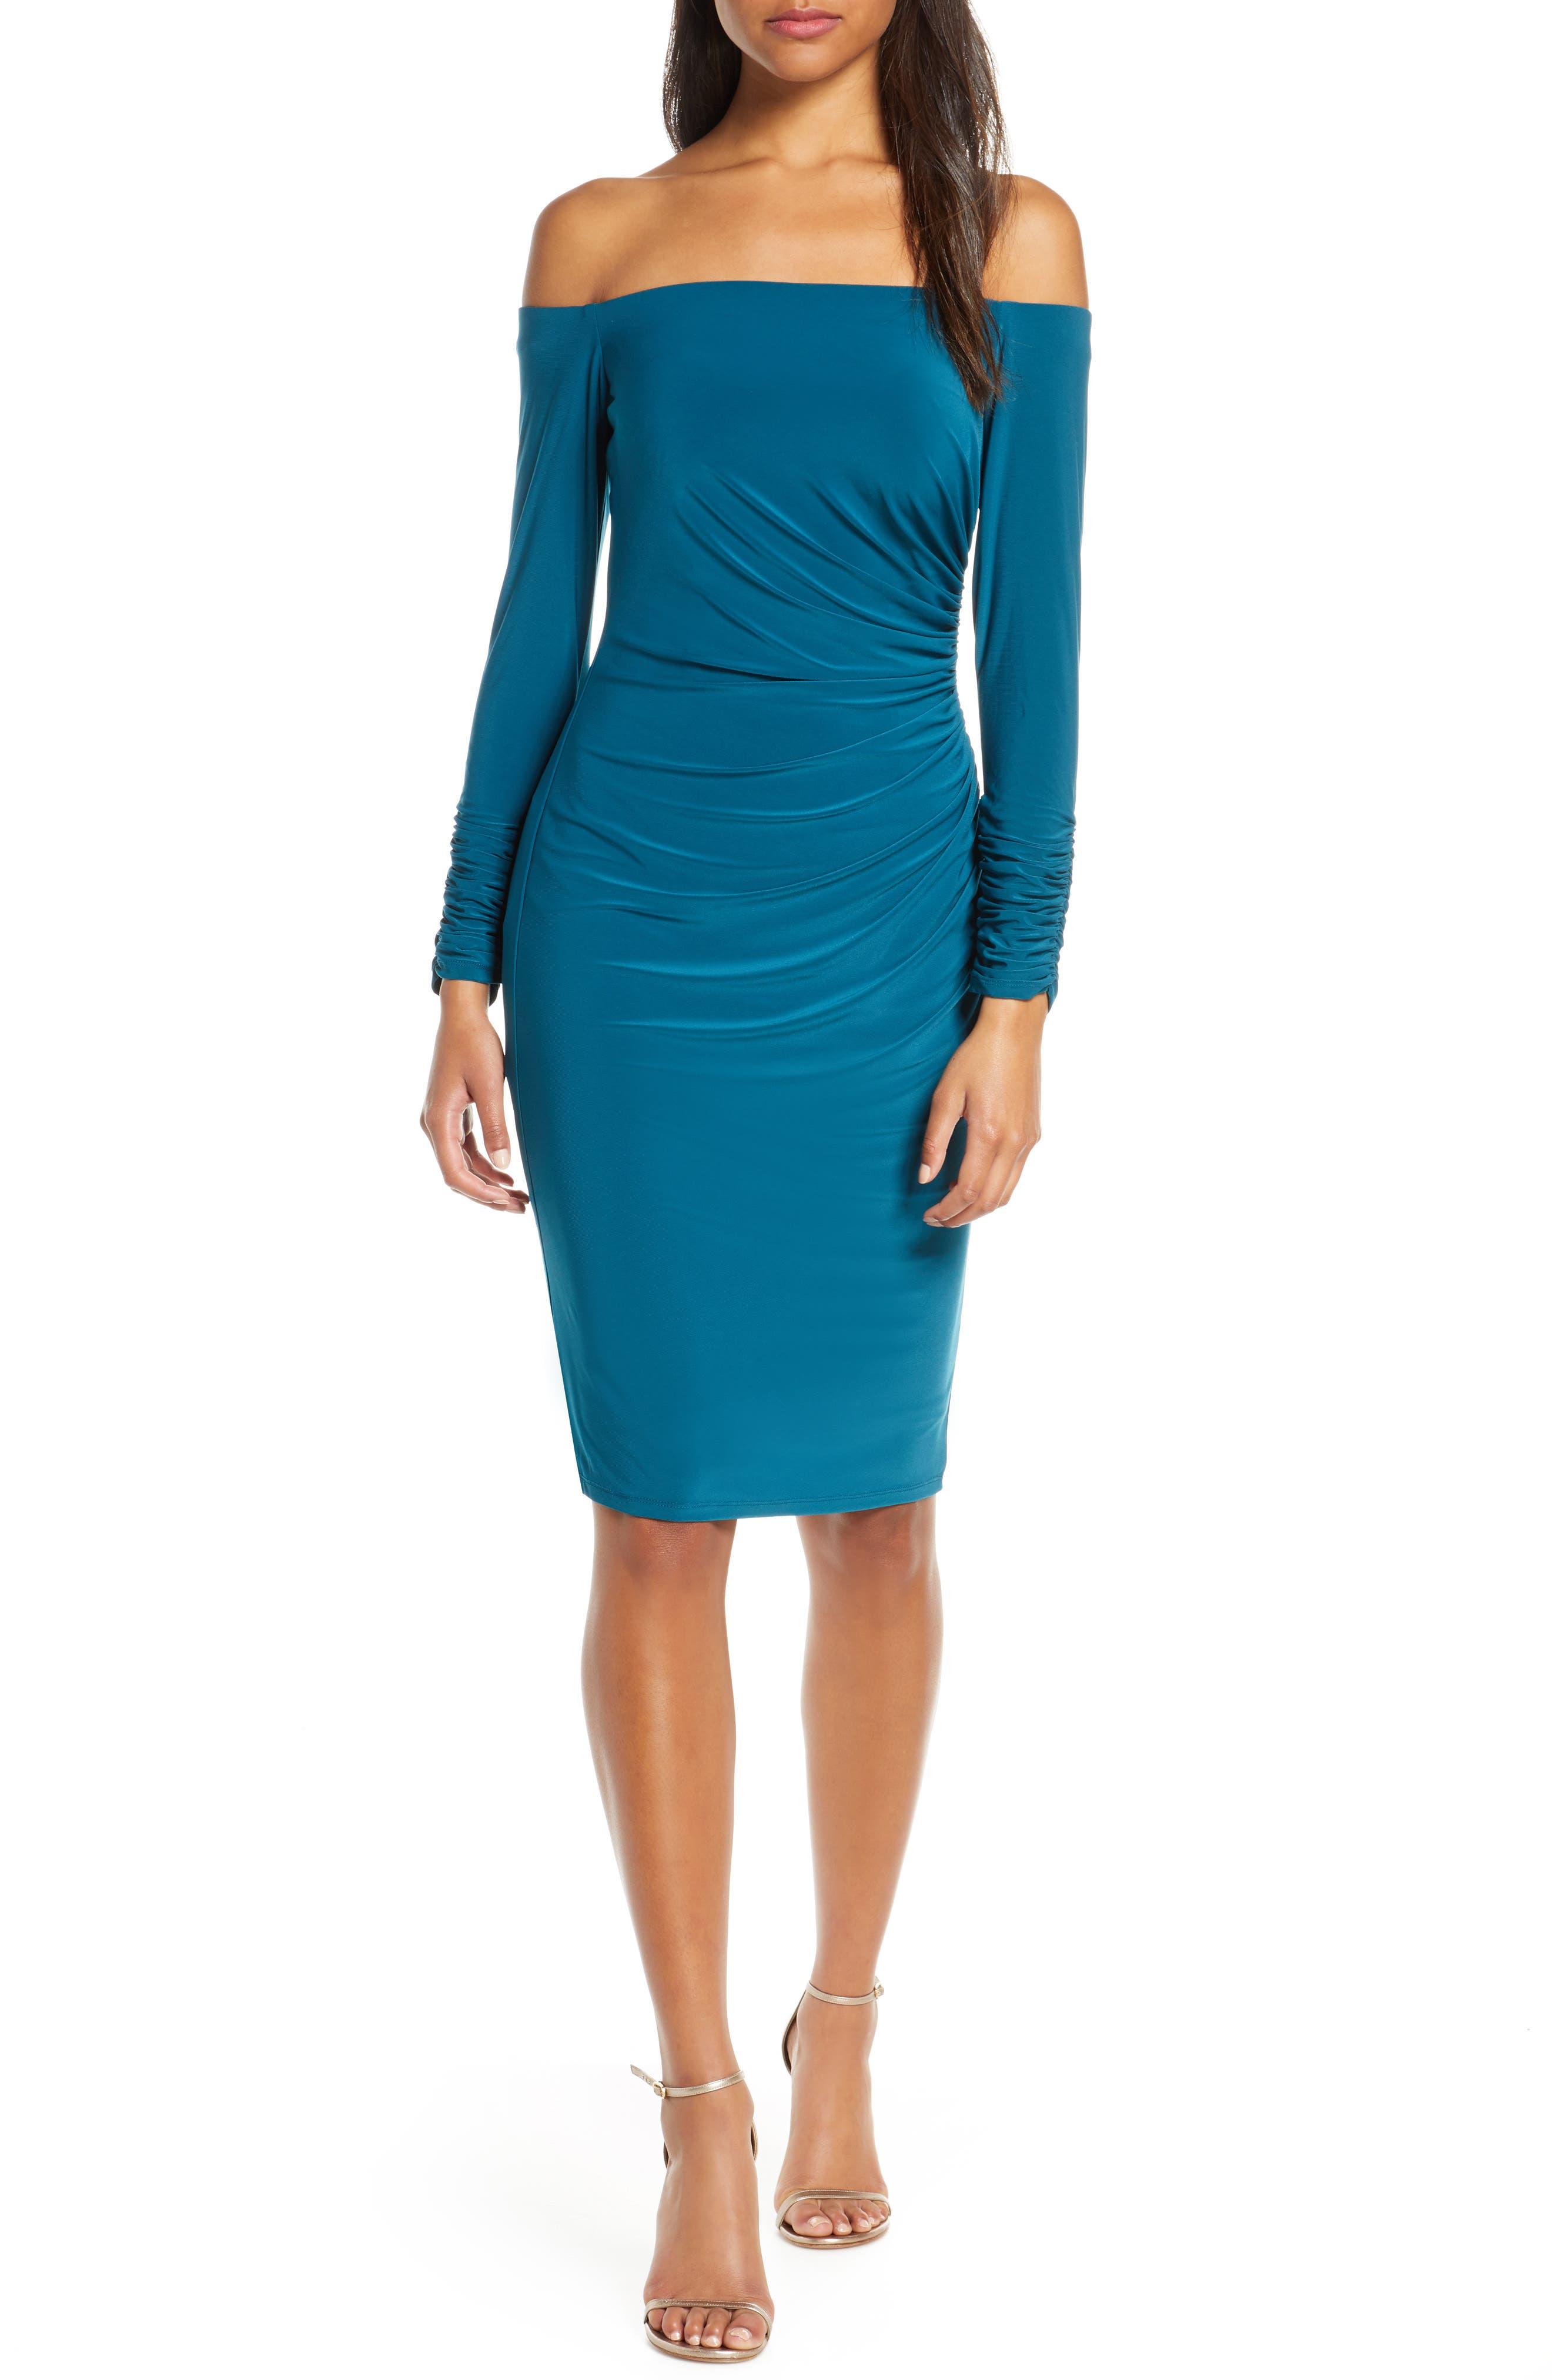 Eliza J Off The Shoulder Long Sleeve Ruched Cocktail Dress, Blue/green